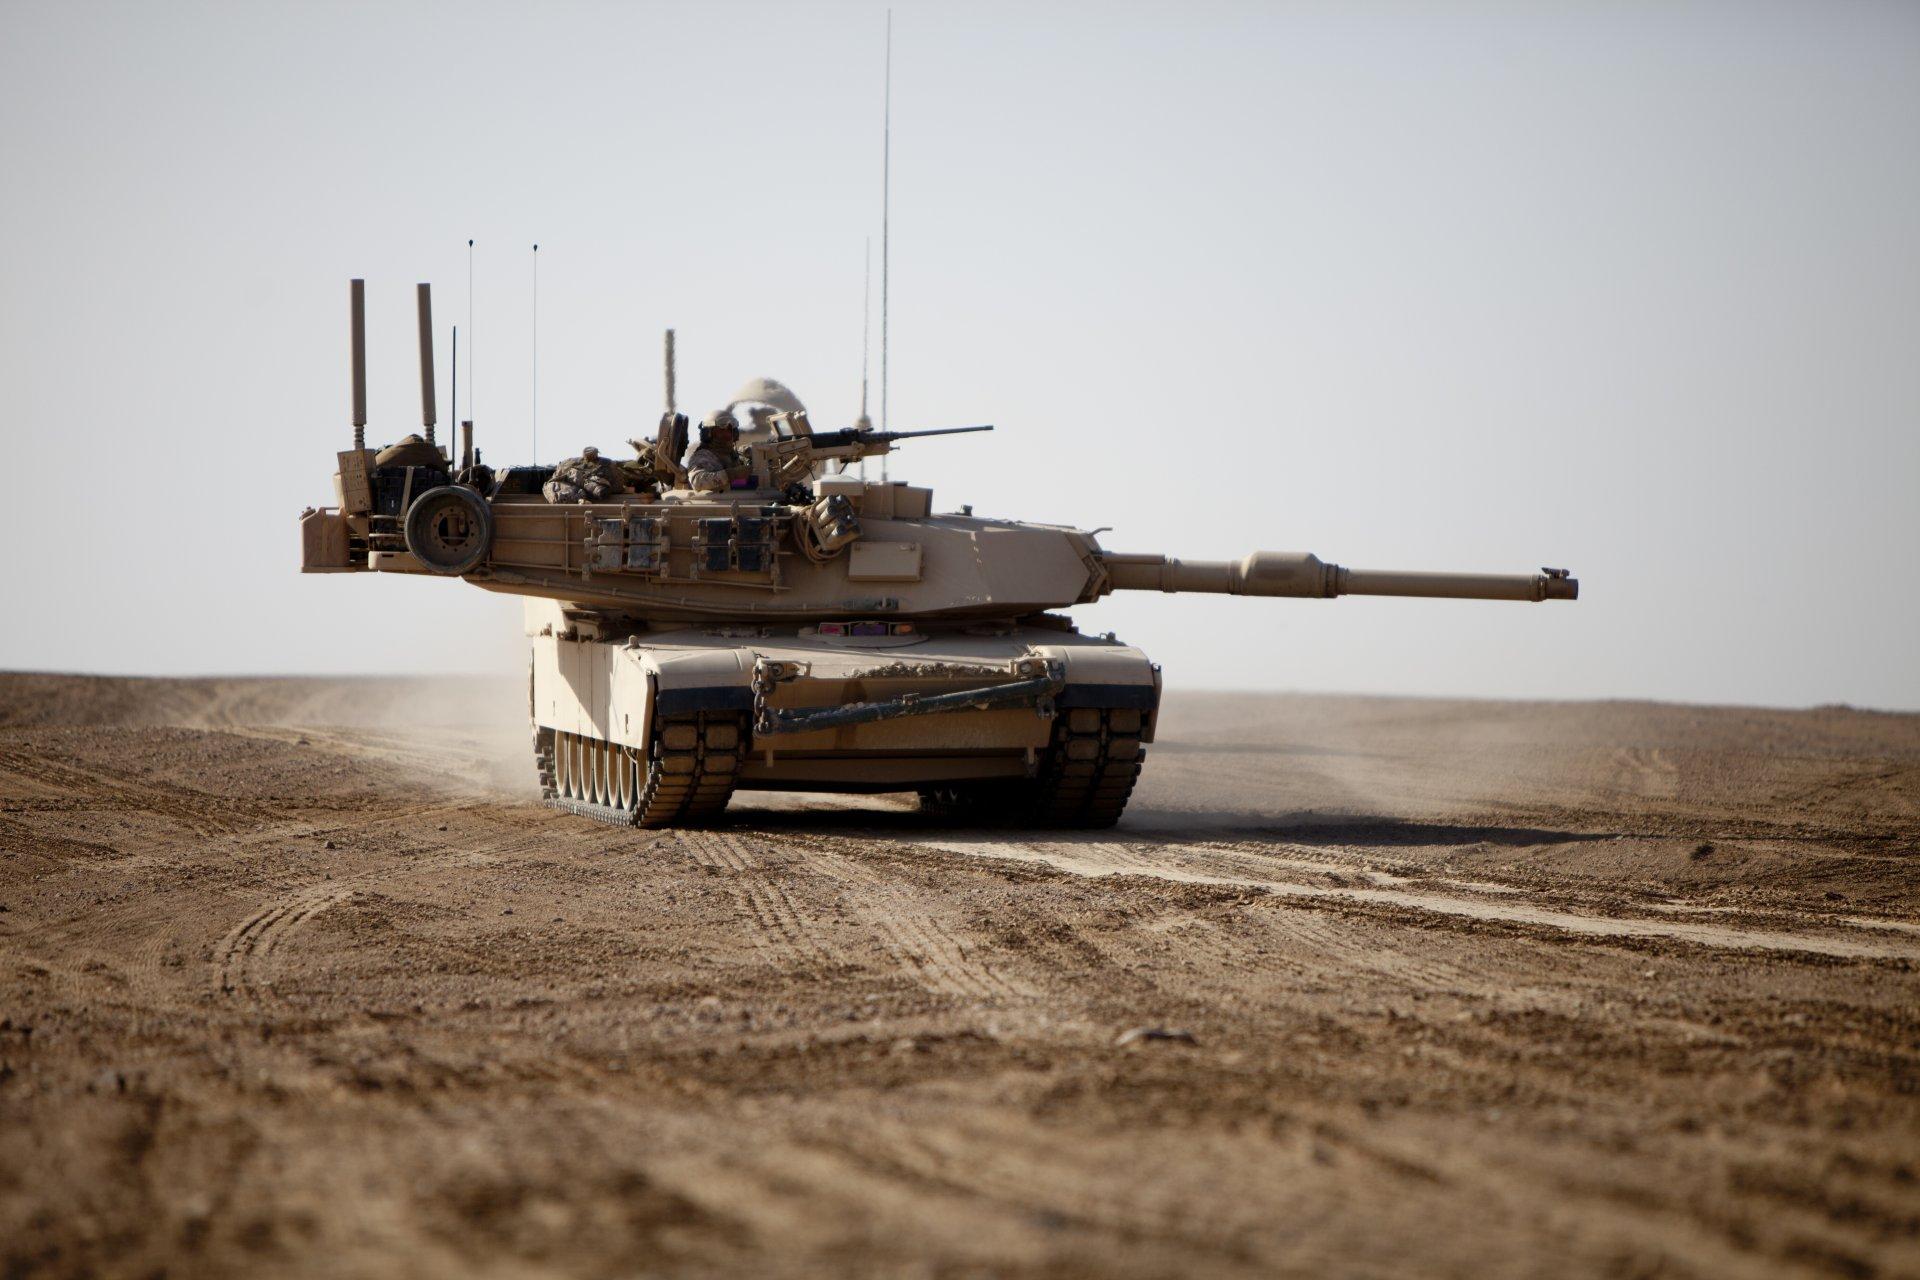 лицо как американский танк абрамс фото осуществляется